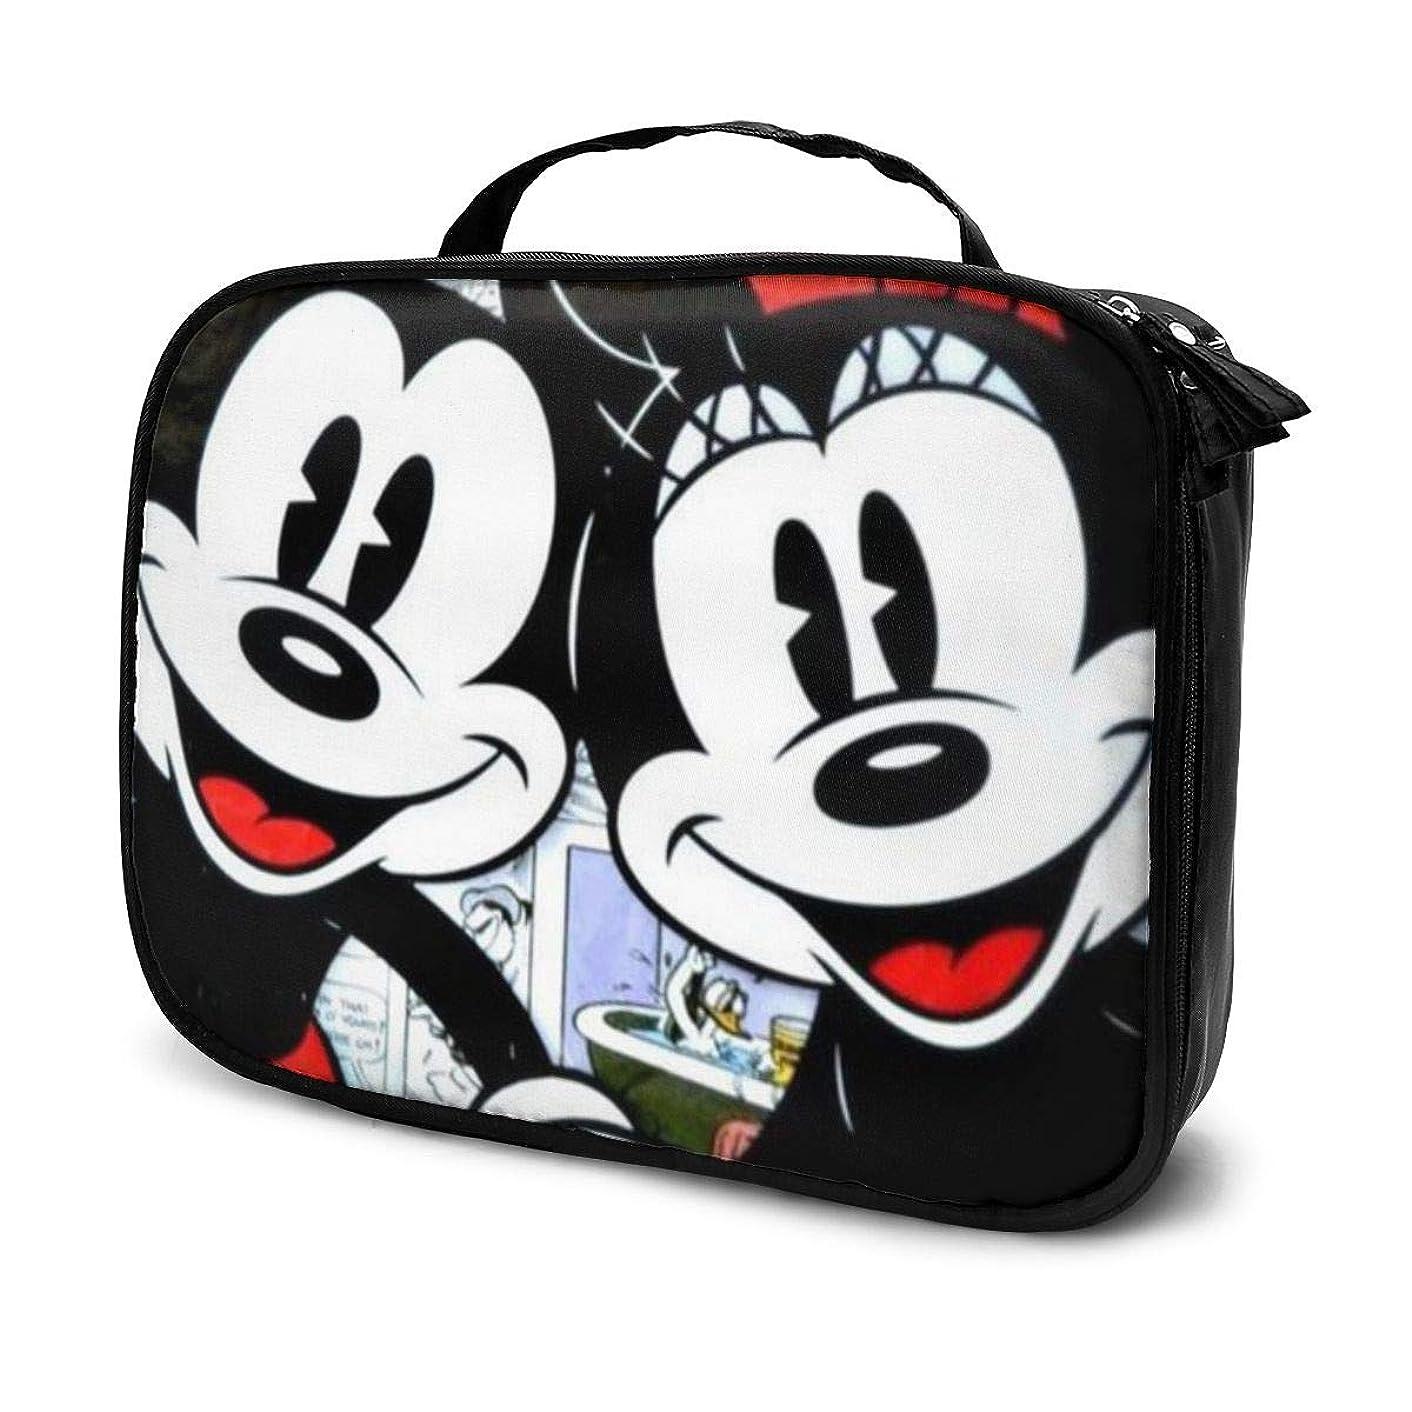 承知しました失望させる魅了するDaituラブミッキーミニー 化粧品袋の女性旅行バッグ収納大容量防水アクセサリー旅行